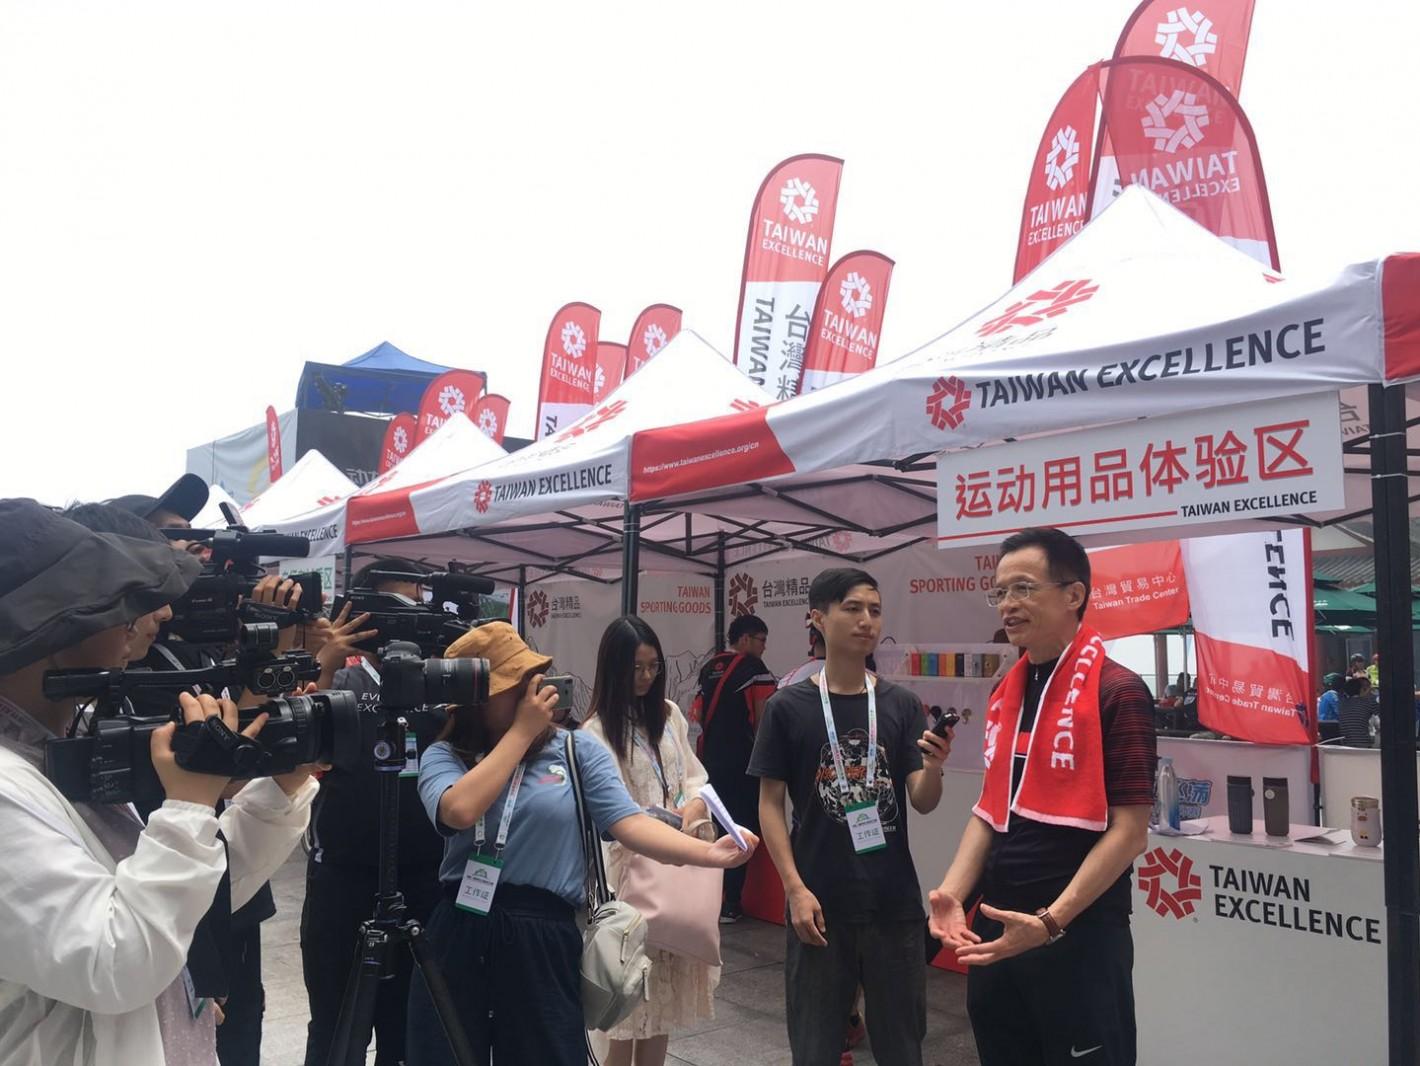 湖南日报、湖南电视台国际、中新社、今日女报、长沙晚报等14家媒体于台湾精品体验营专访台湾贸易中心吴俊泽主任